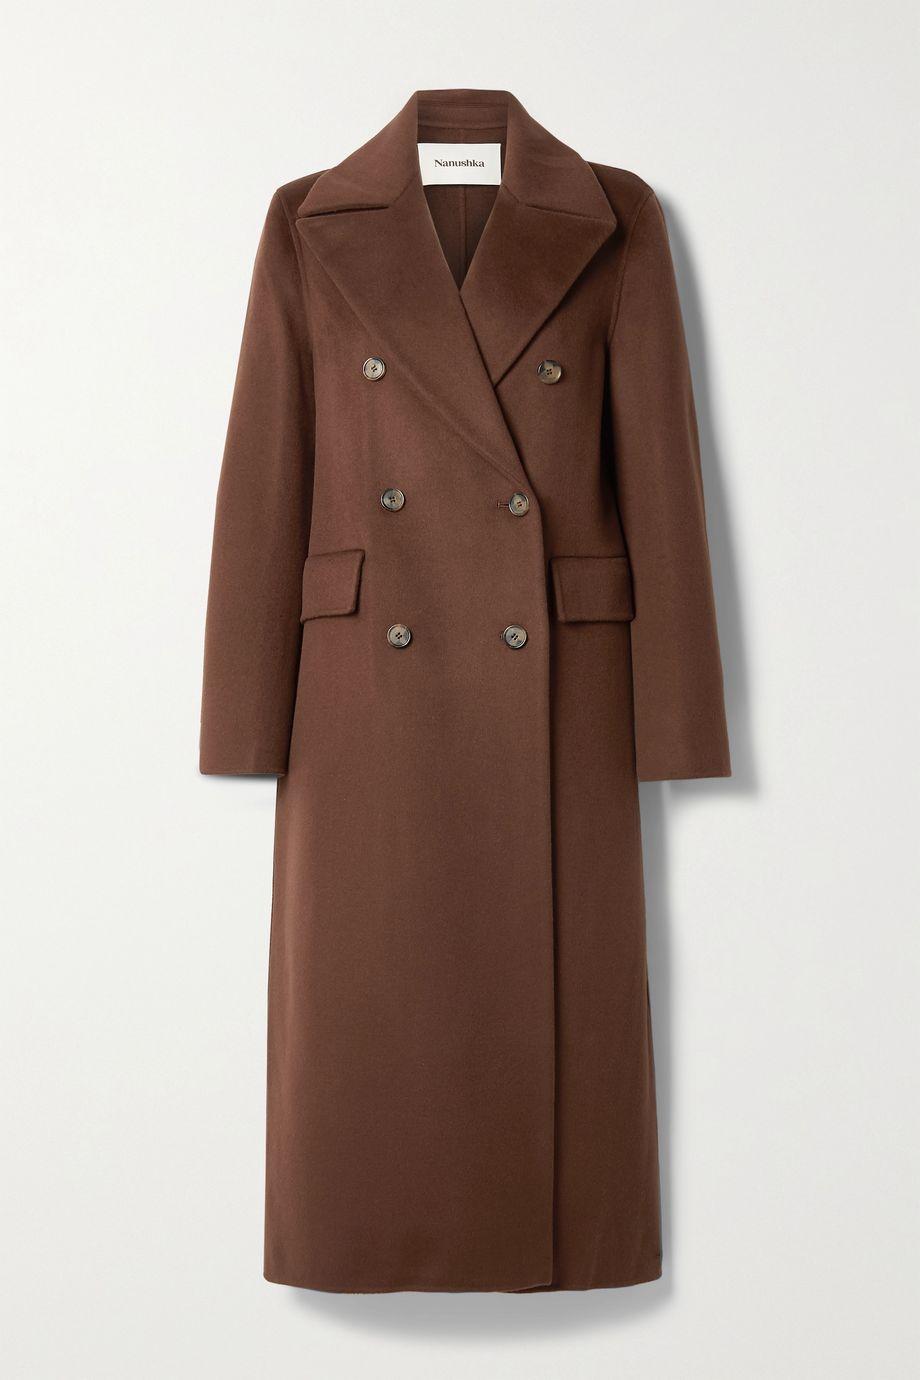 Nanushka Doppelreihiger Mantel aus Filz aus einer Woll-Seidenmischung